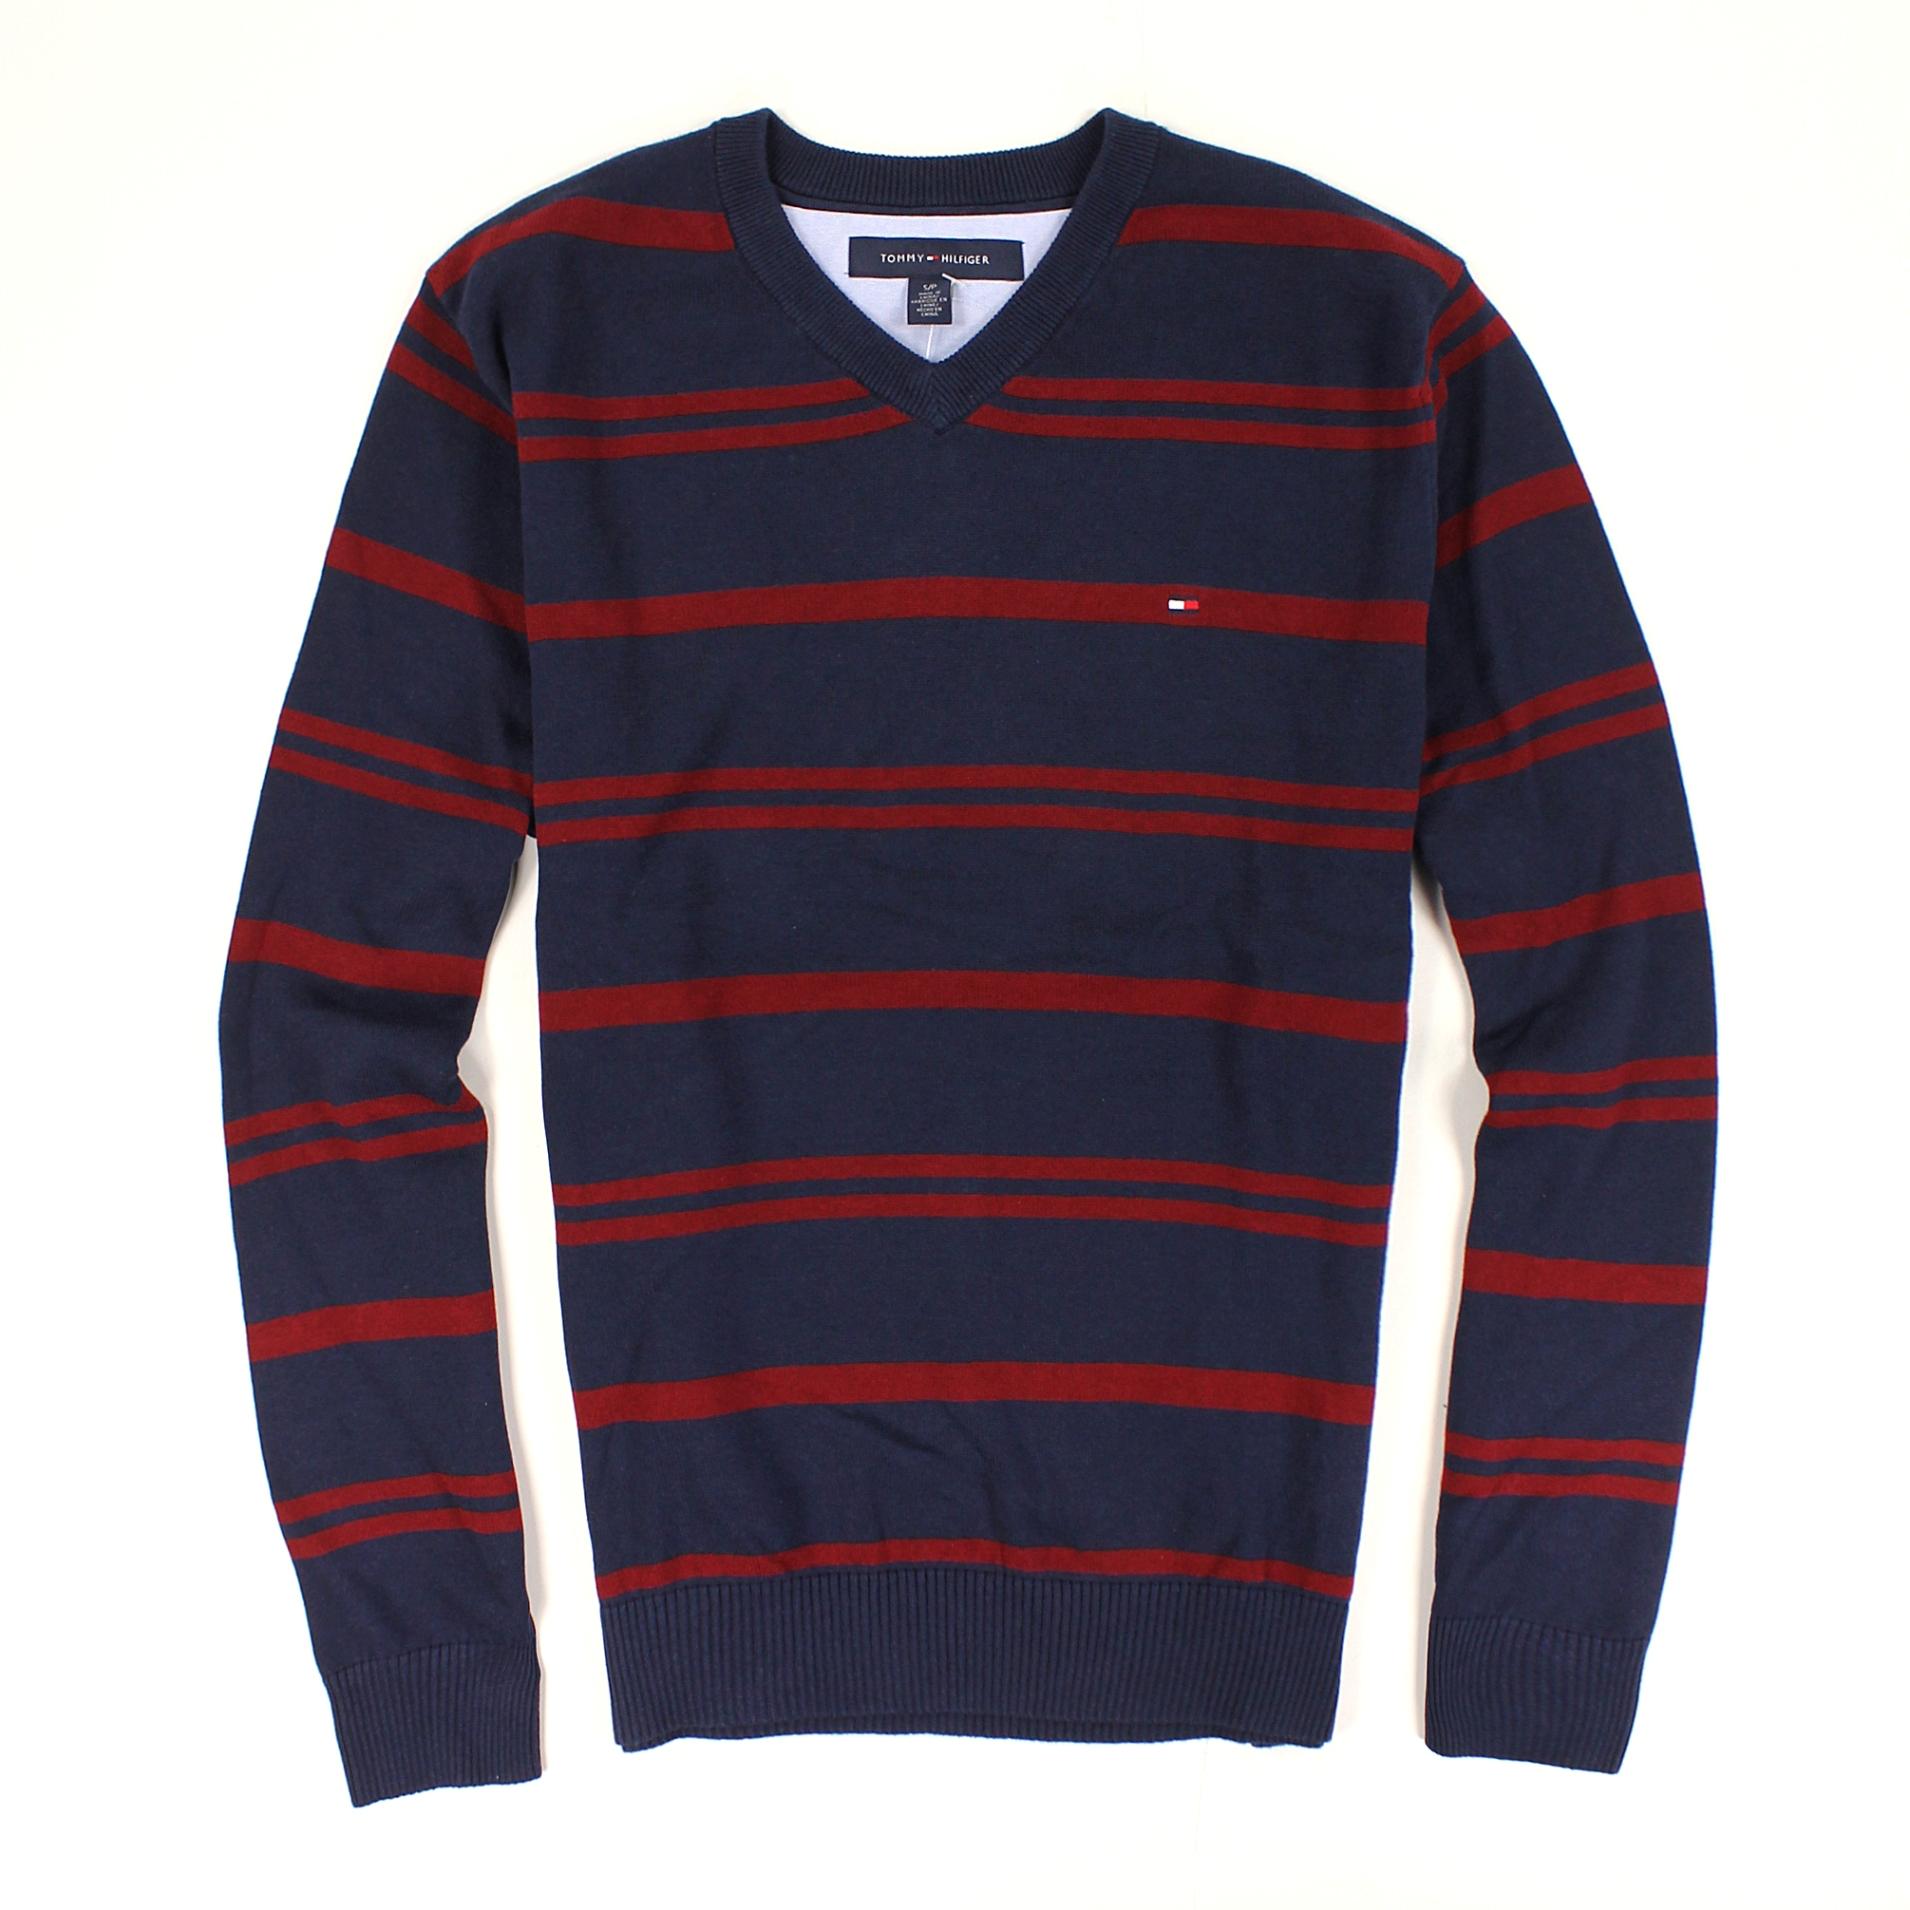 美國百分百【全新真品】Tommy Hilfiger 針織衫 TH 線衫 棉質毛衣 藍 條紋 V領 厚 超取 男 S B612